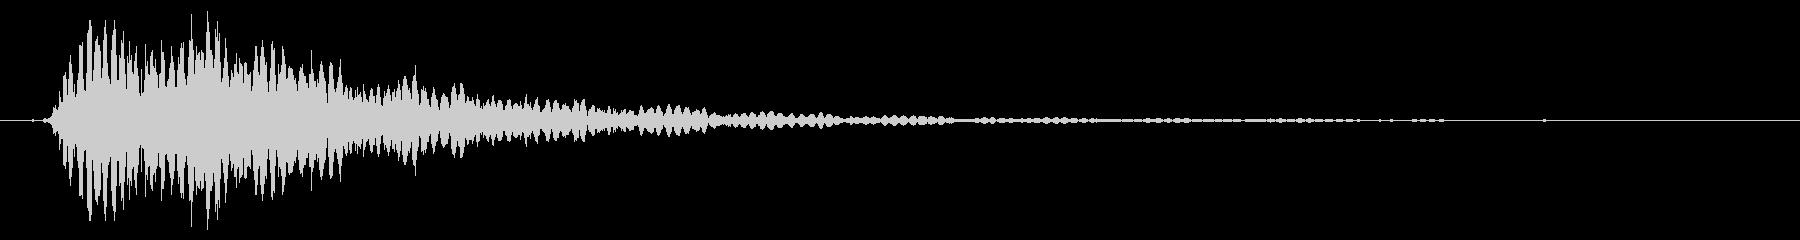 鎖などの金属的な打撃音で重めな音の未再生の波形